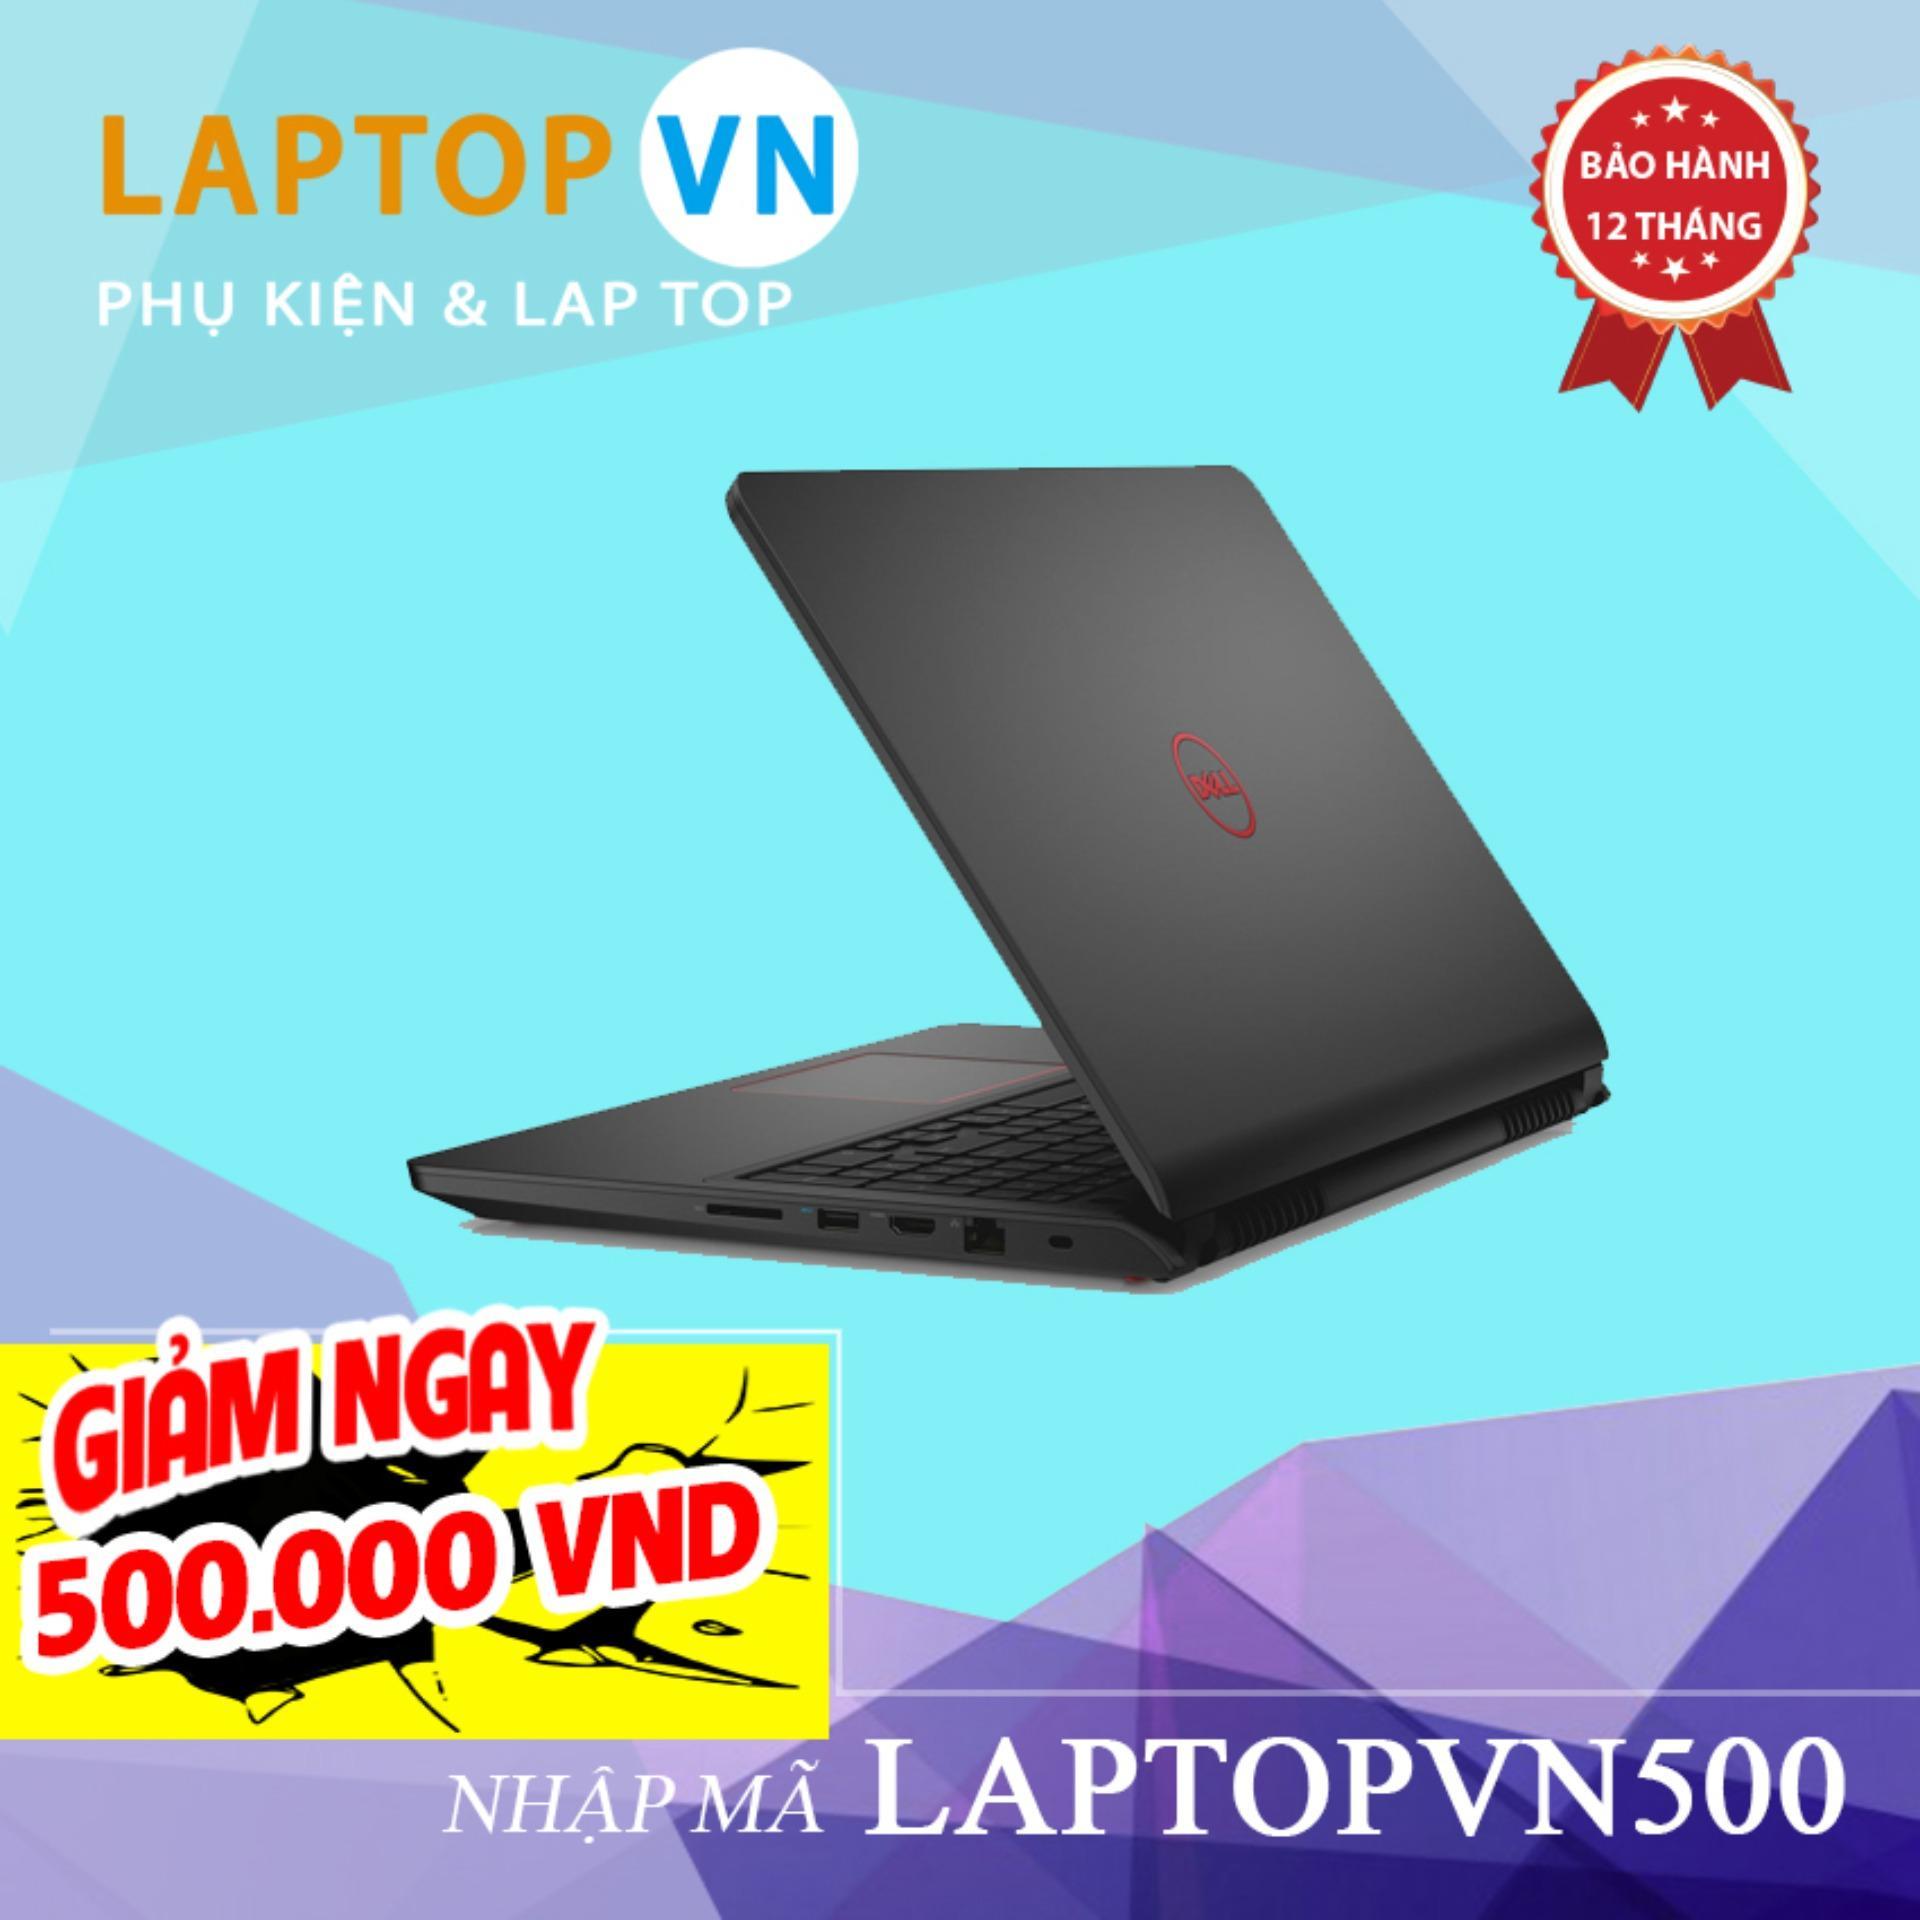 Hình ảnh Laptop Dell Inspiron Gaming 7559 core i7 6700HQ 8G 1TB VGA GTX 960M 4G 15.6